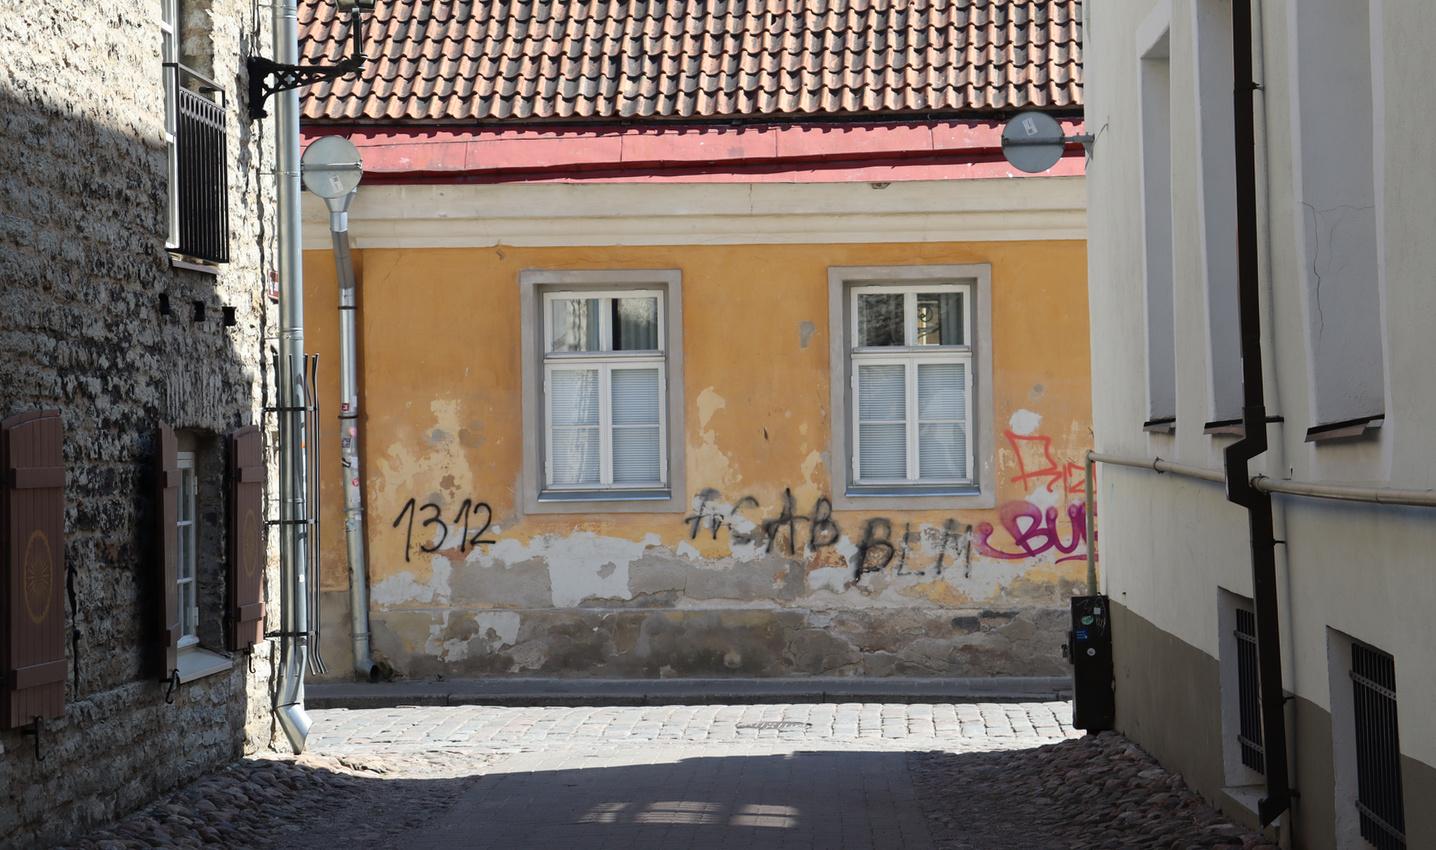 Tallinn Says ACAB